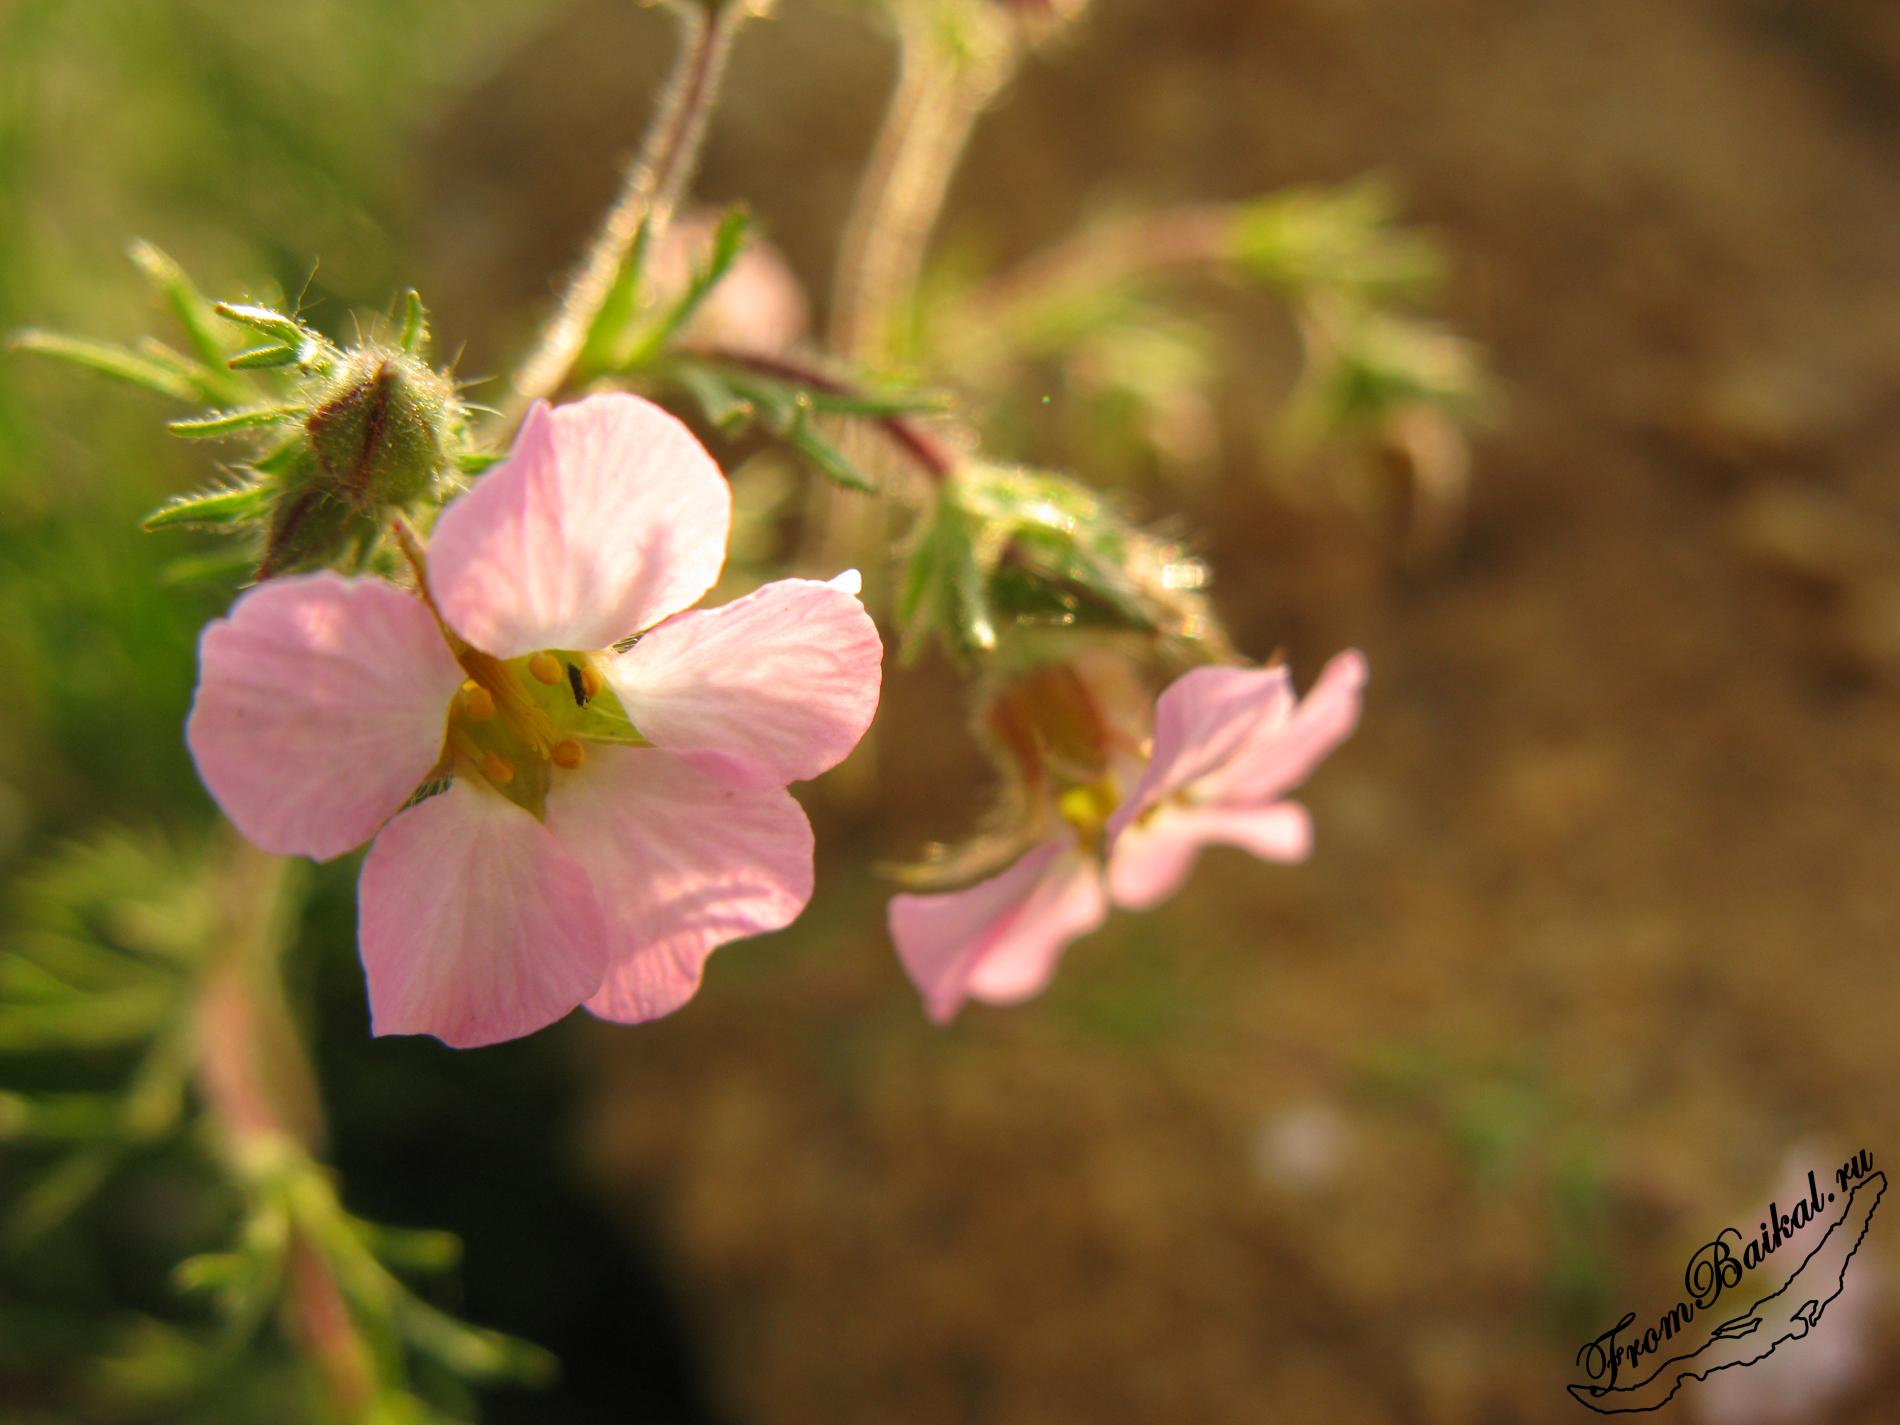 Цветы Байкала. Хамеродос крупноцветковый - Chamaerhodos grandiflora. Малое море.